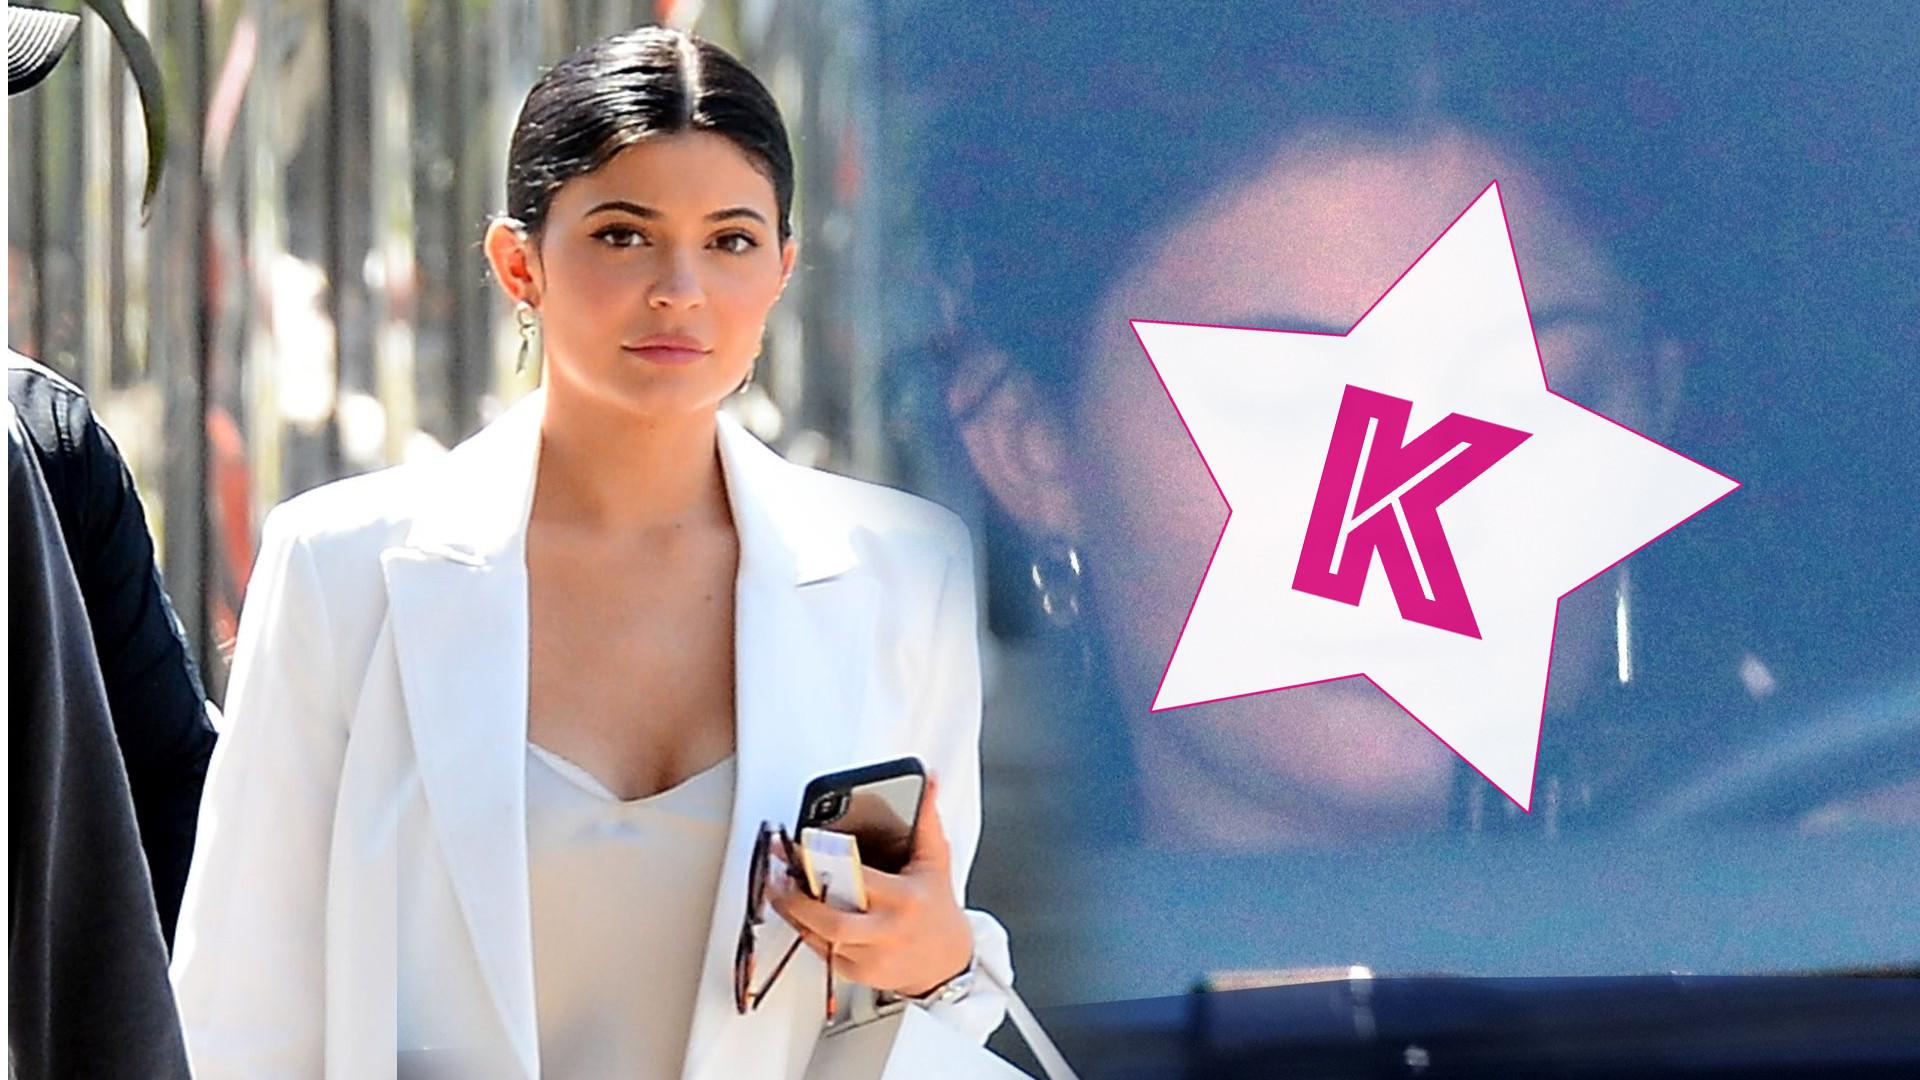 Królowa kosmetycznego imperium BEZ MAKIJAŻU – Kylie Jenner nie miała czasu na tapetę (ZDJĘCIA)